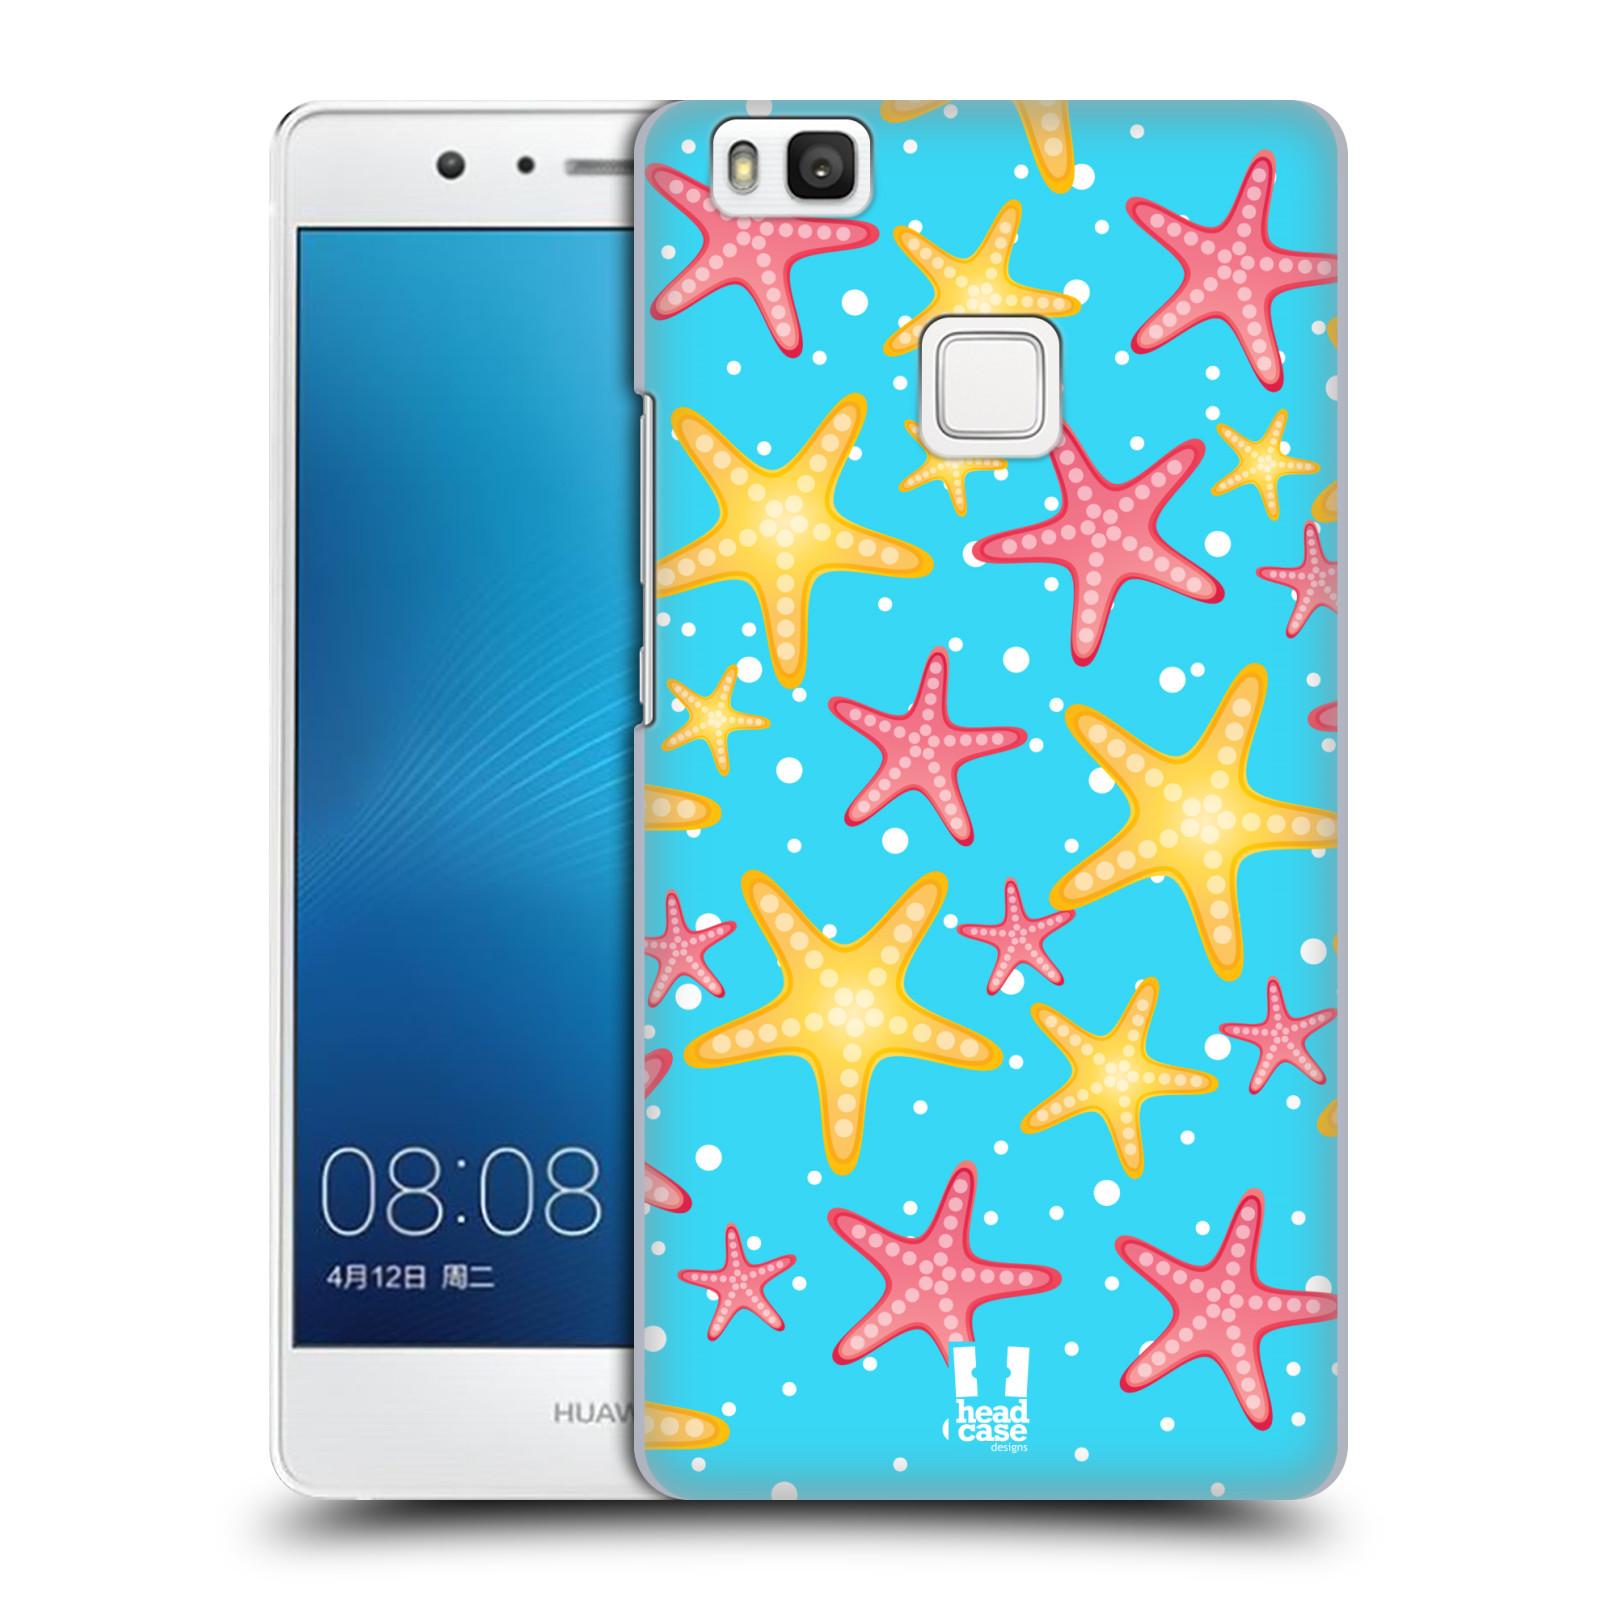 HEAD CASE plastový obal na mobil Huawei P9 LITE / P9 LITE DUAL SIM vzor mořský živočich hvězda